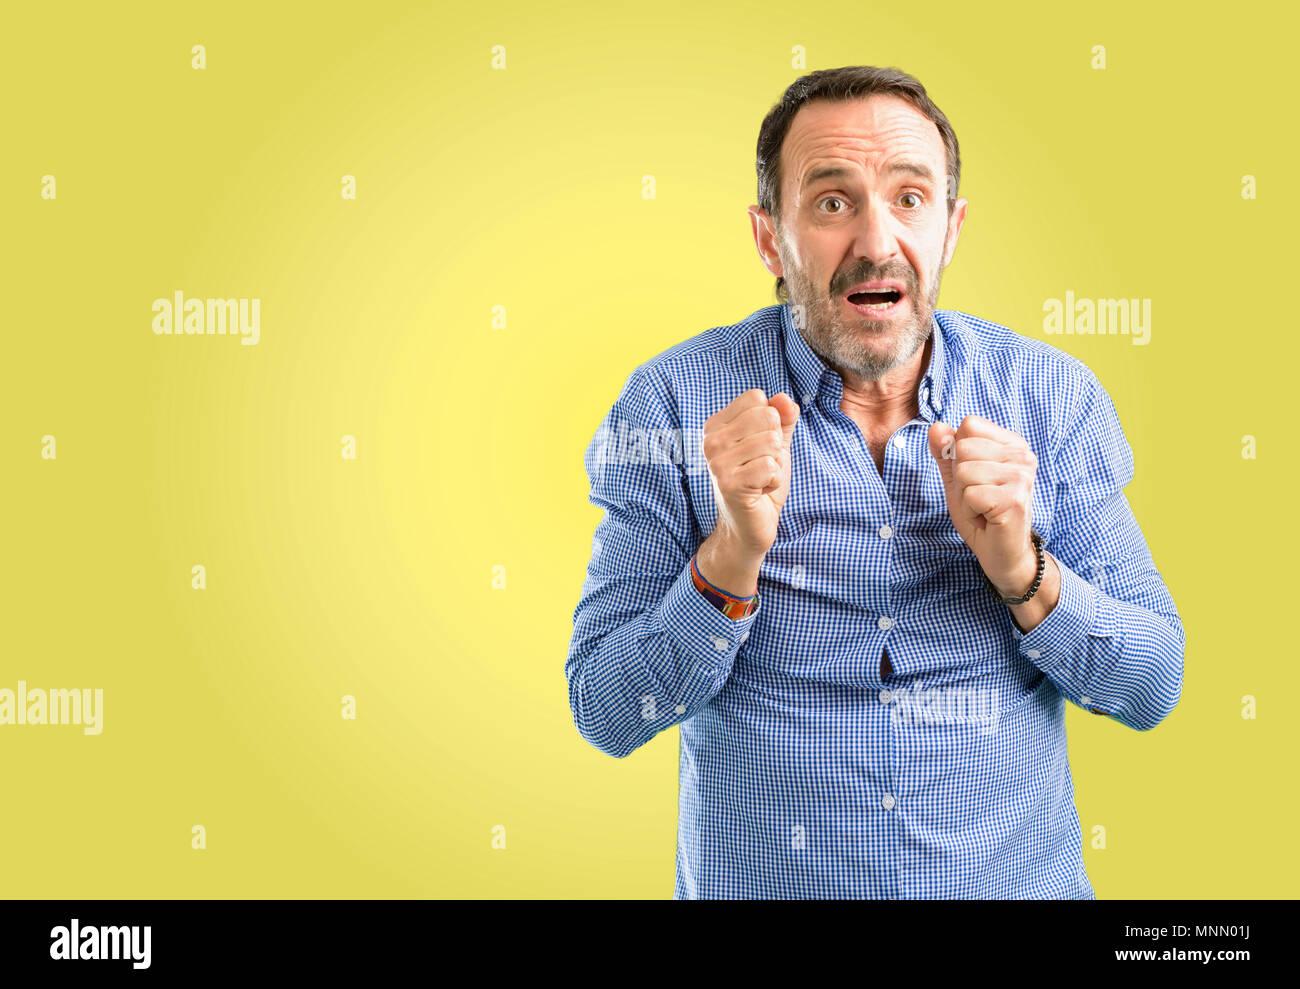 Beau moyen age homme heureux et surpris de l'expression d'encouragement geste wow Banque D'Images